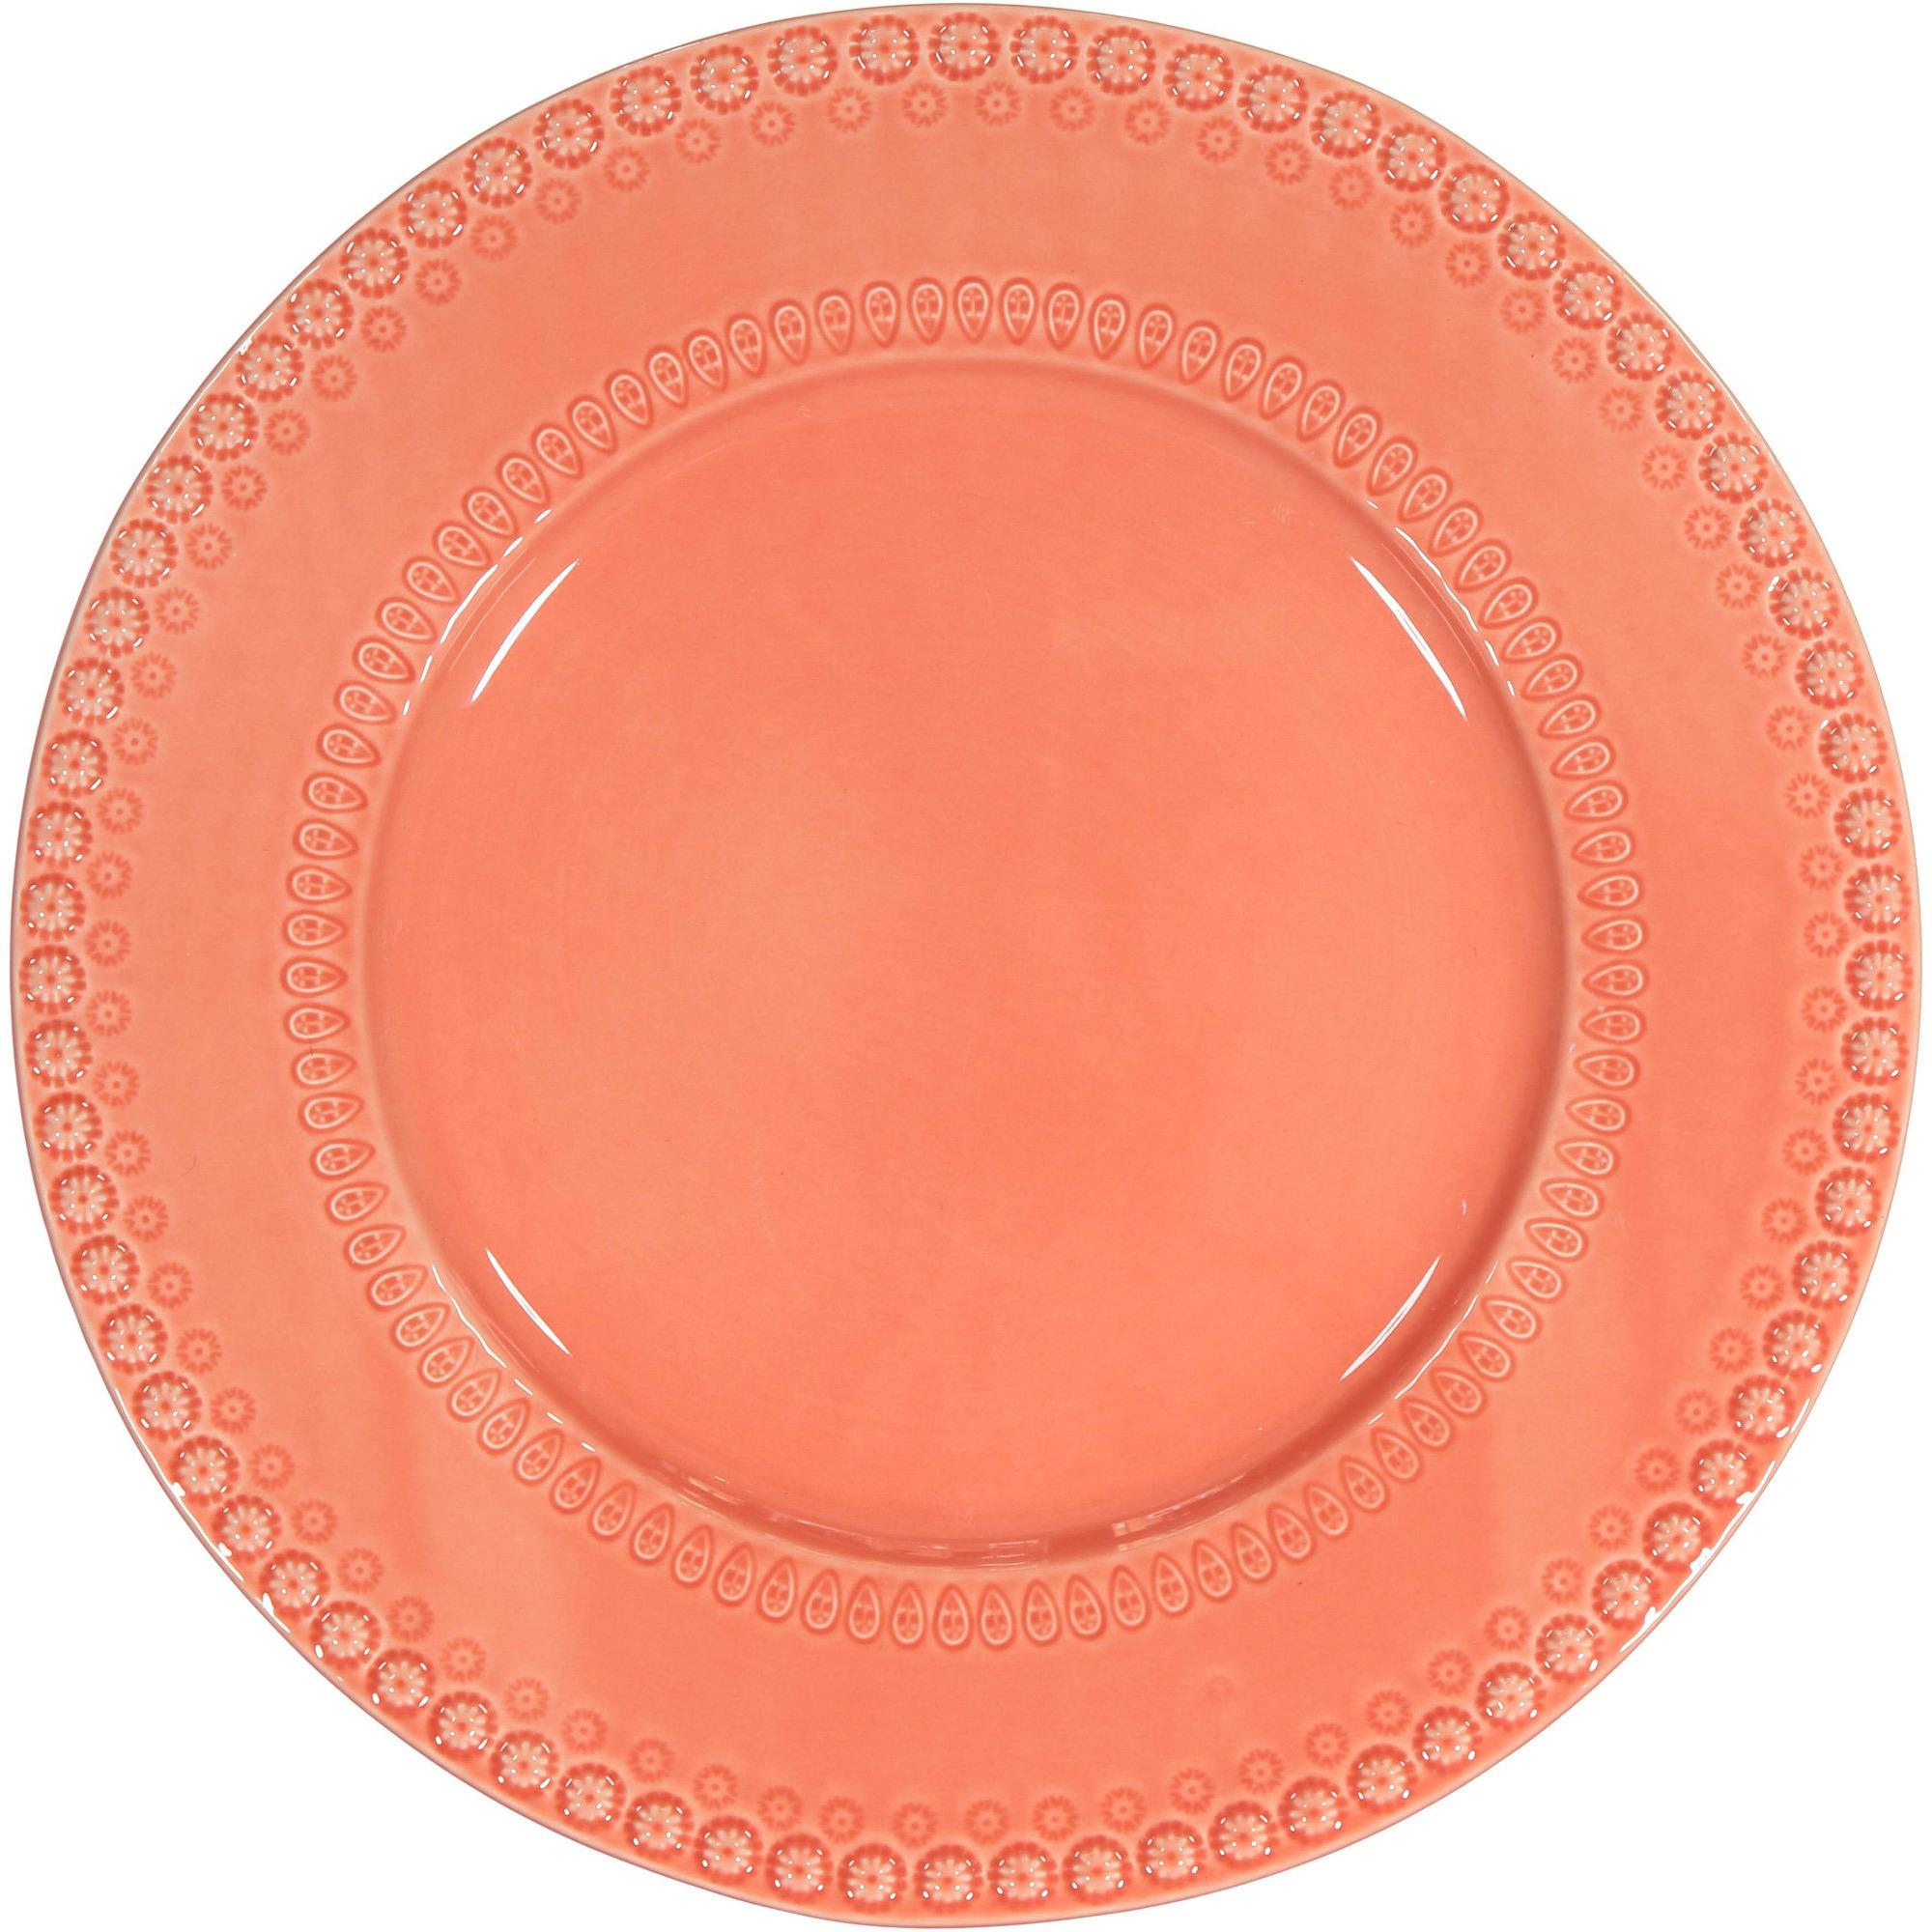 PotteryJo Daisy Underläggstallrik 35 cm New Tangerine